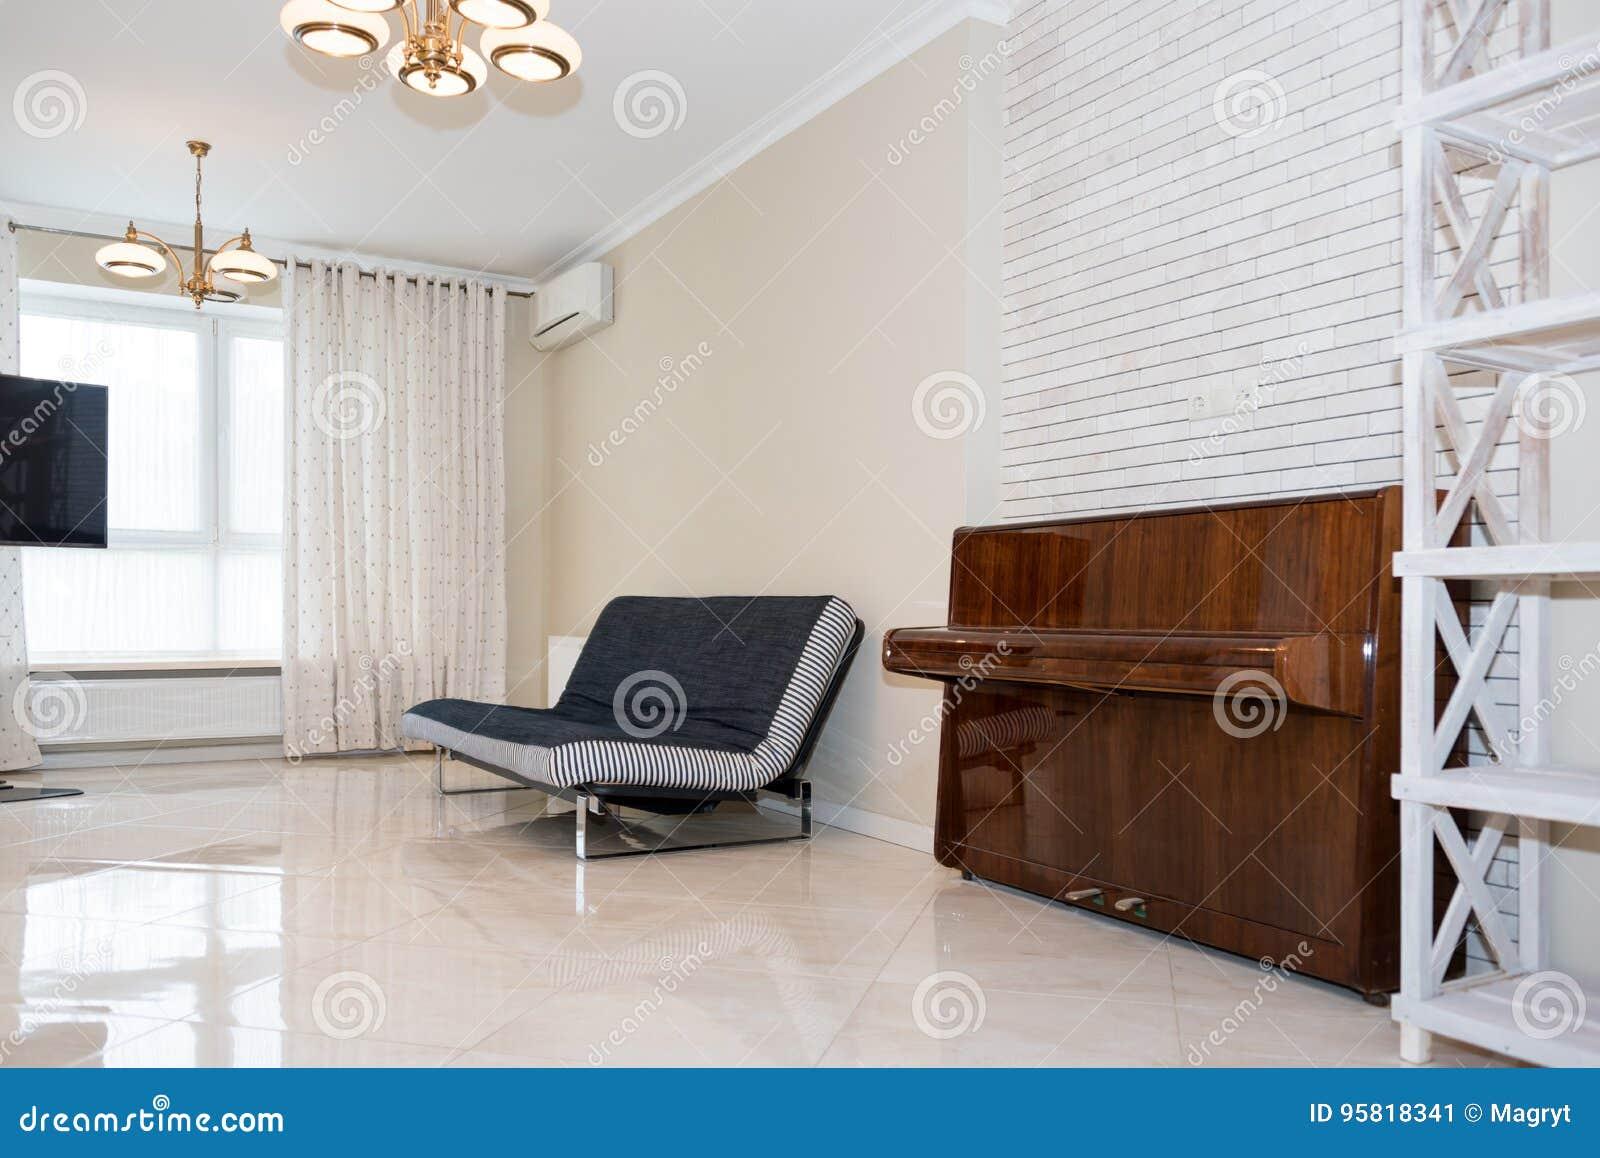 Moderner Küchenbereich Befestigt Zum Wohnzimmer Innenarchitektur Mit ...